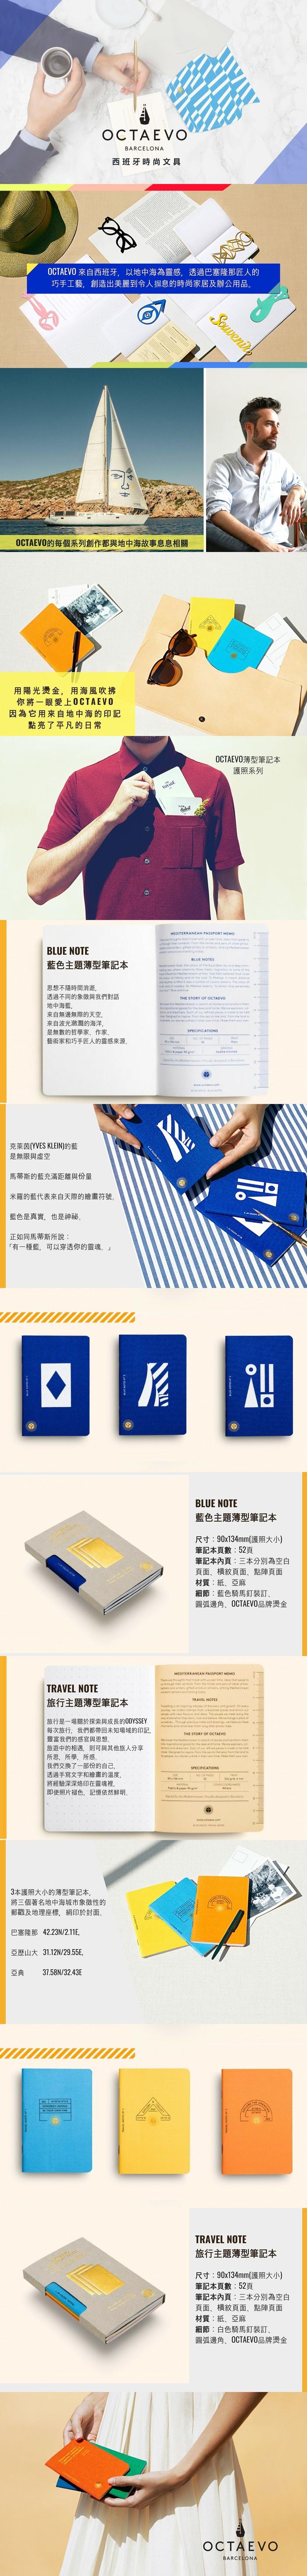 (複製)OCTAEVO|黃銅手工書籤 老饕龍蝦 (粉)